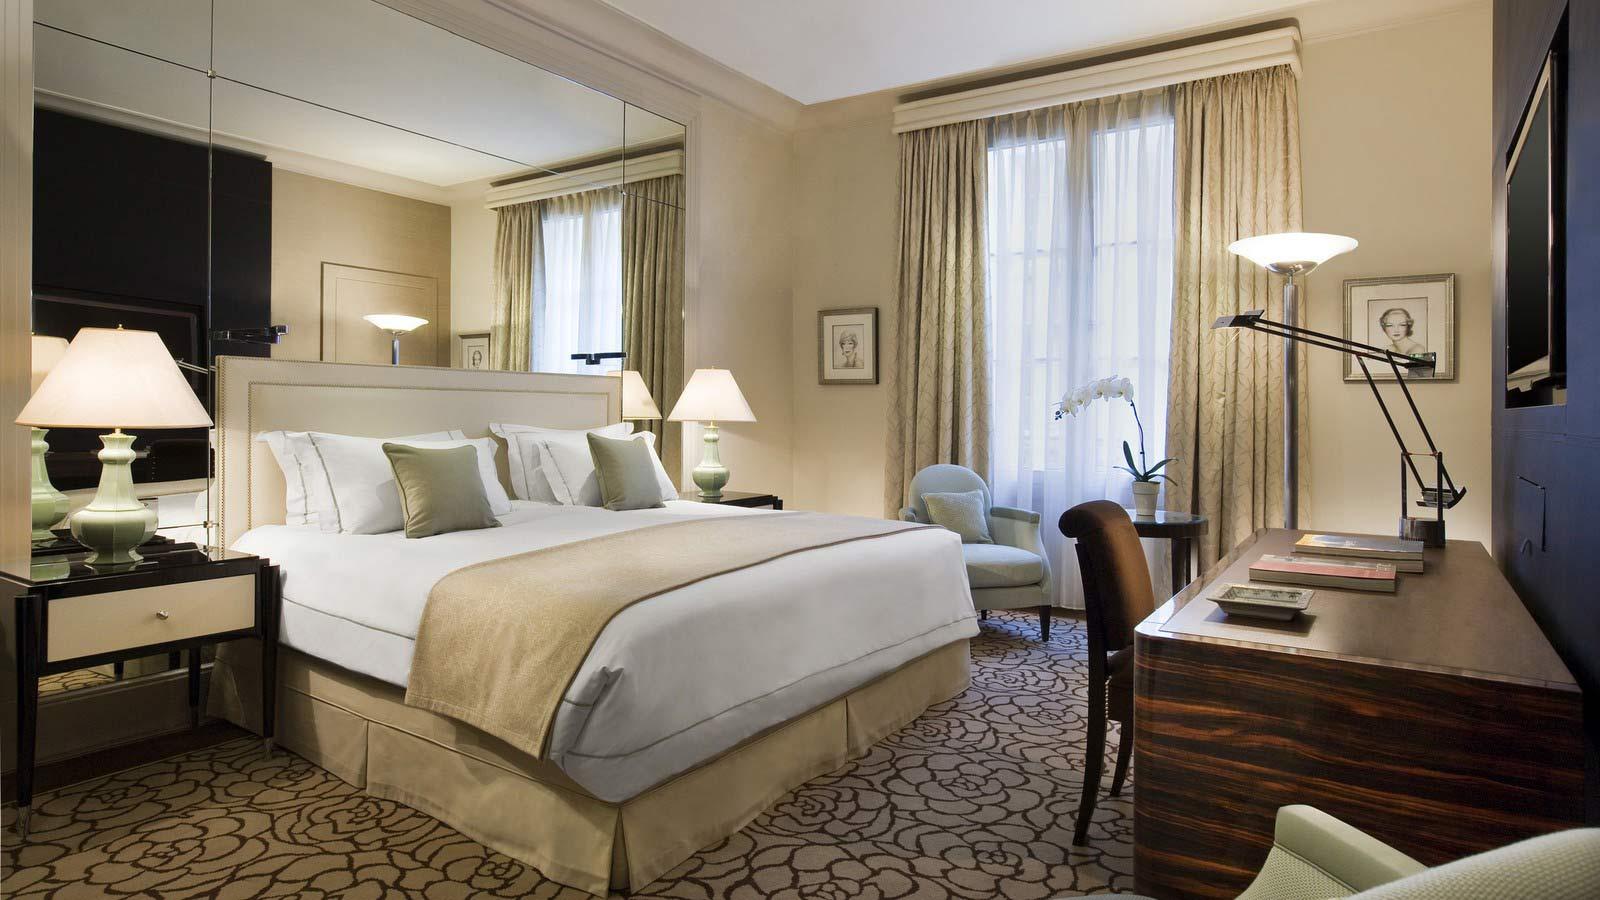 chambre-art-deco-hotel-prince-de-galles-paris-silencio - Silencio